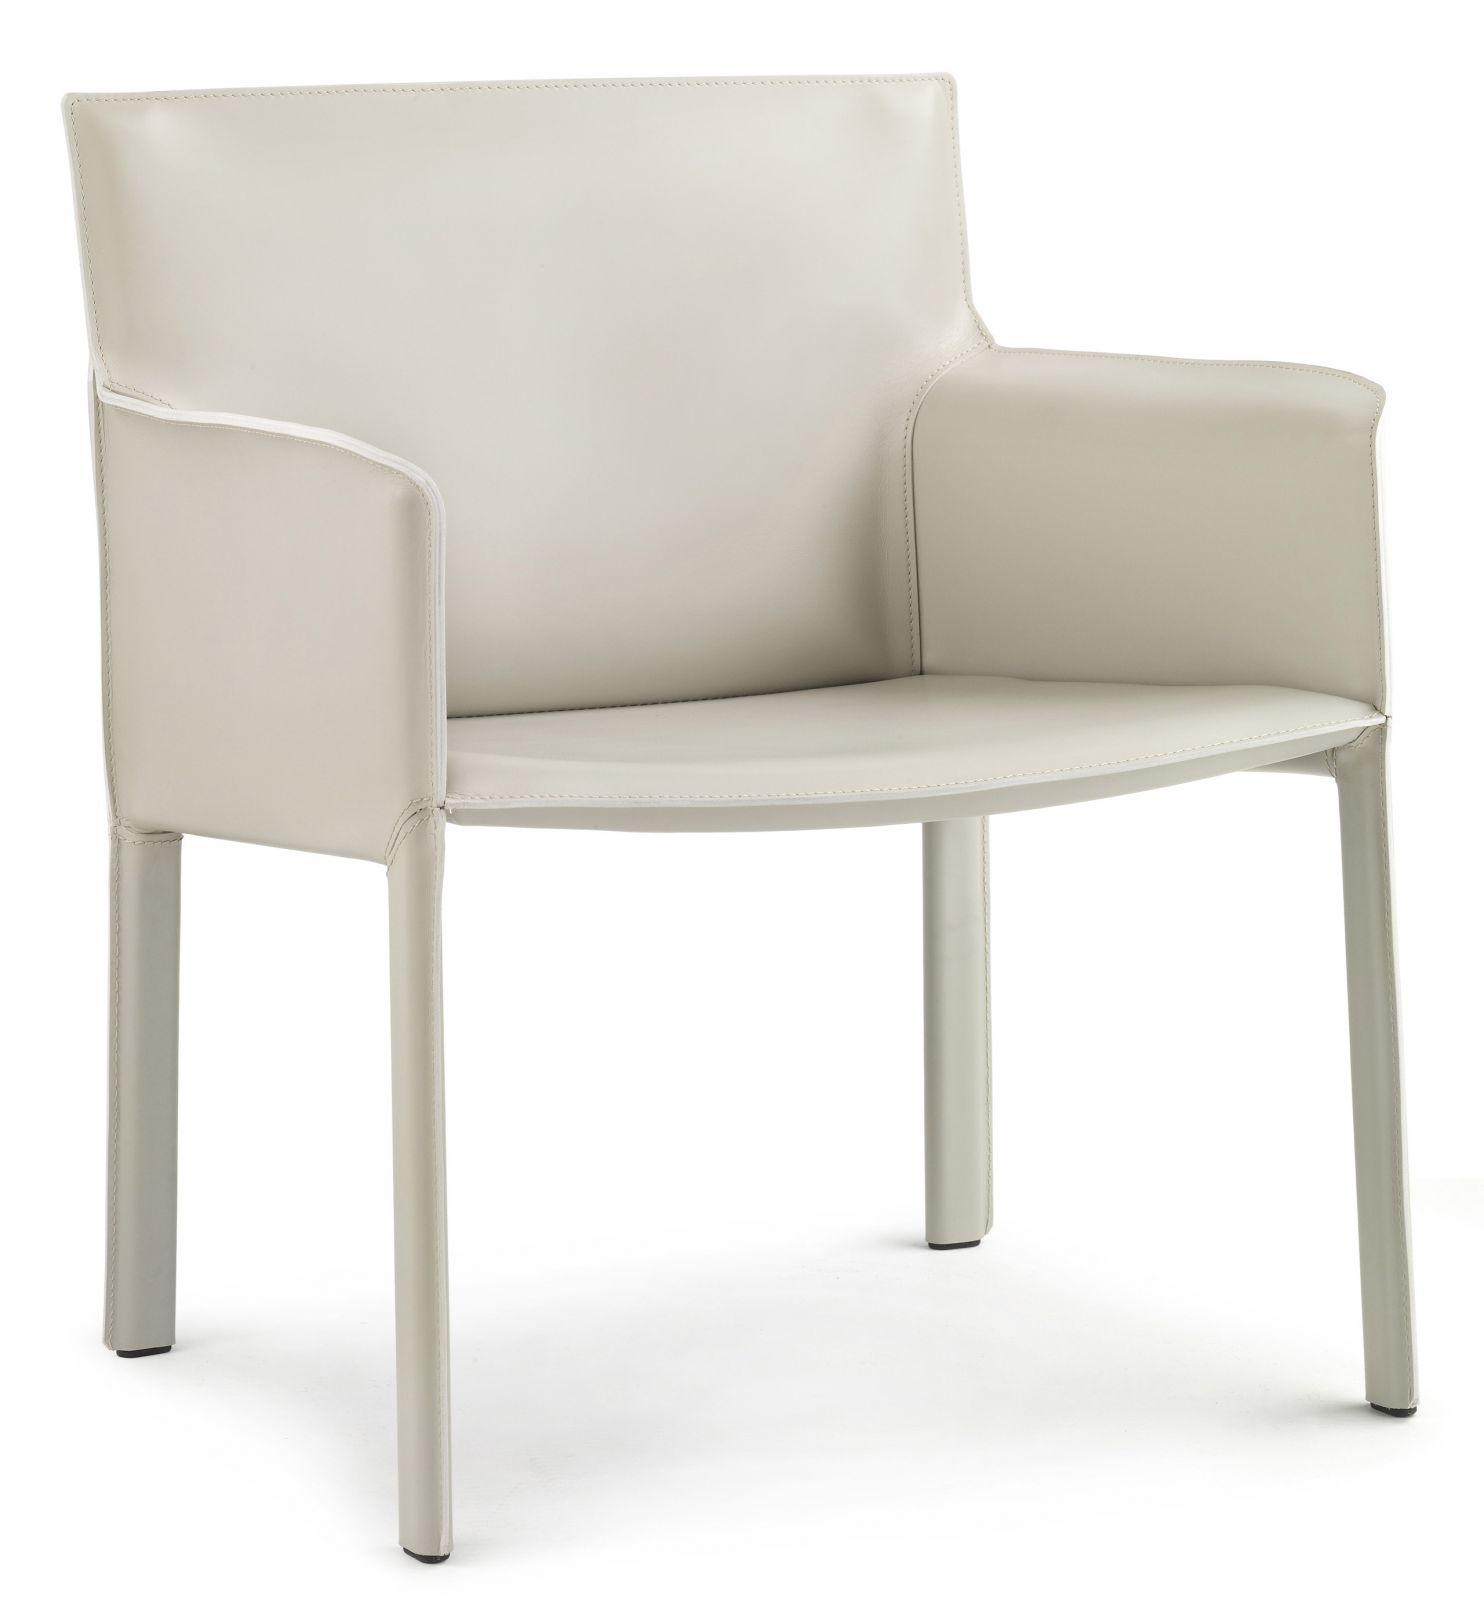 MOF 105 Modern Office Chair